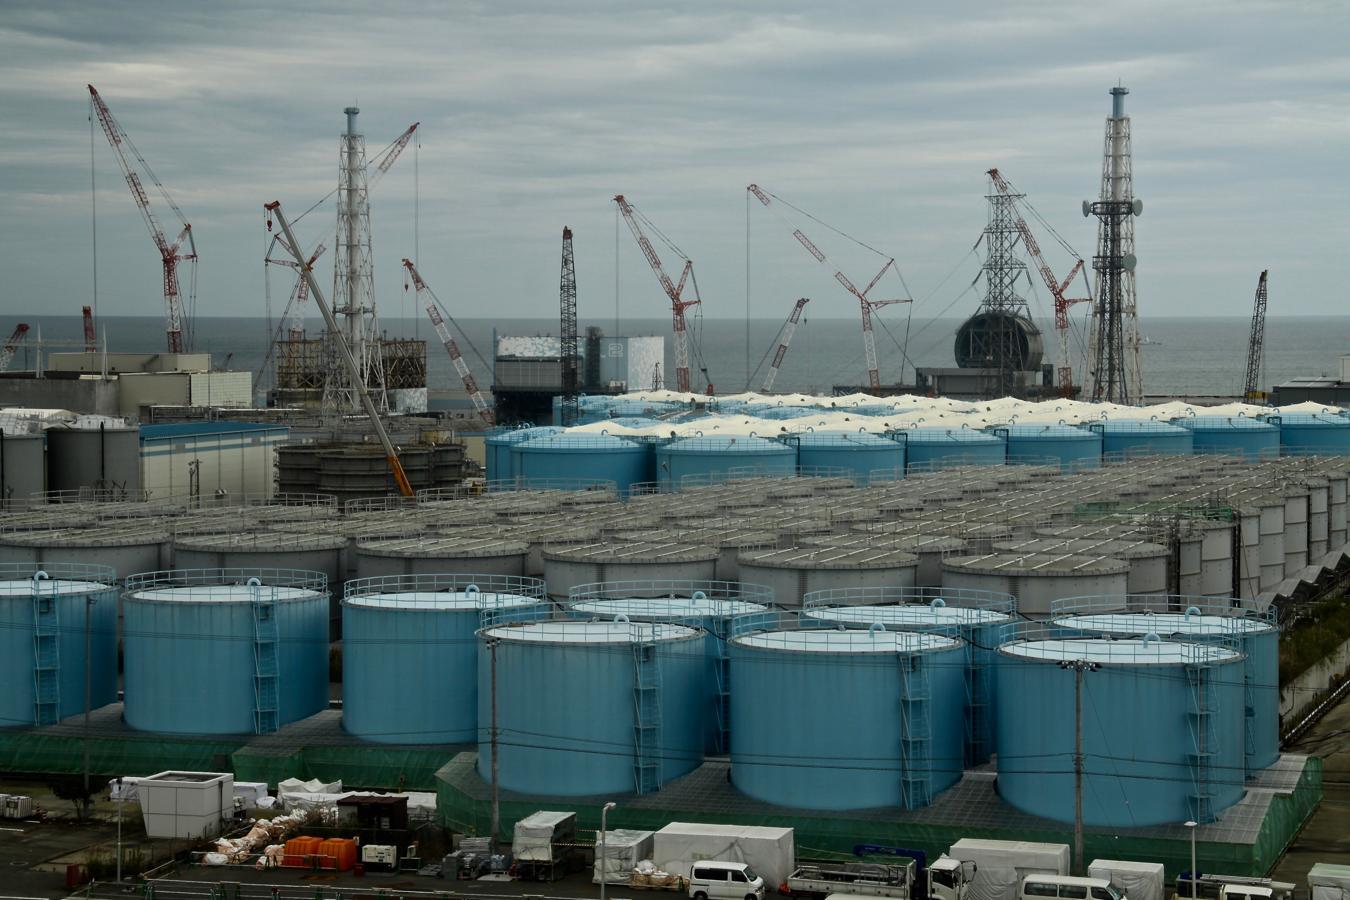 Una jungla de grúas y chimeneas se alza entre los reactores 1, 2 y 3 de la siniestrada central de Fukushima 1